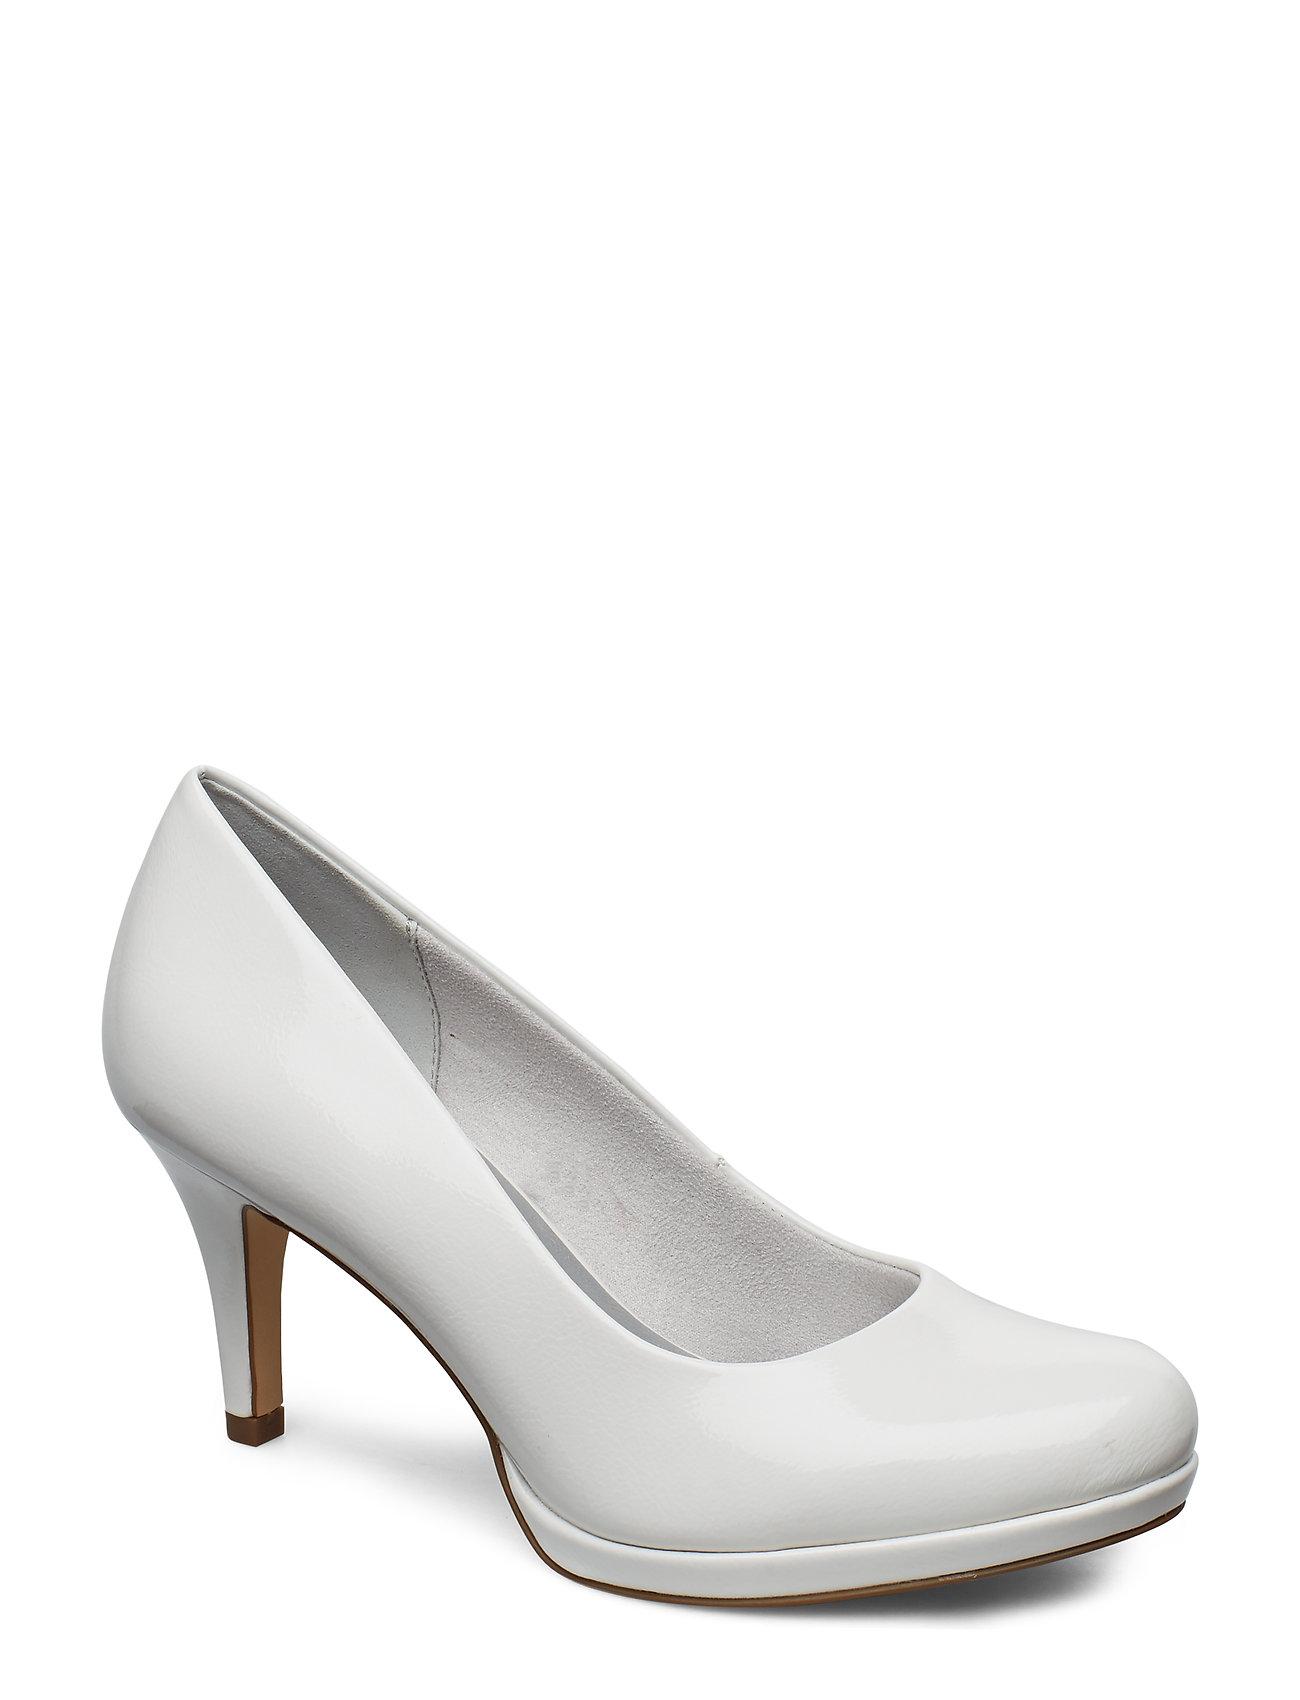 Tamaris Woms Court Shoe - WHITE PATENT